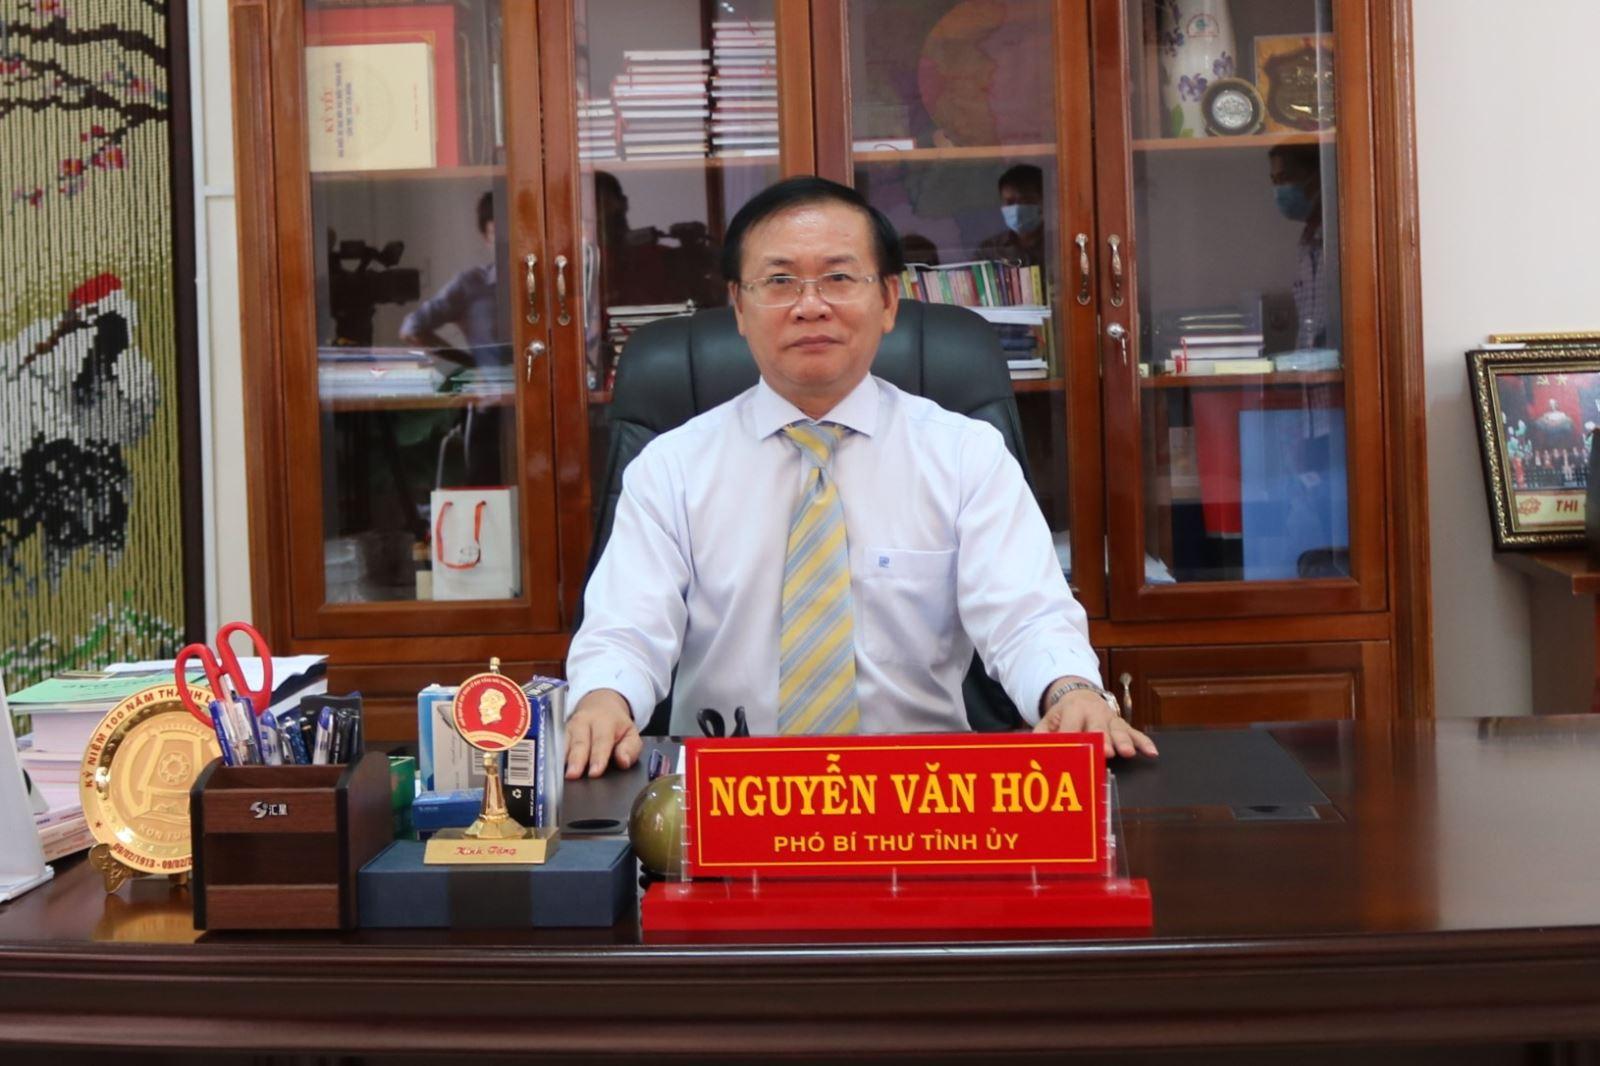 Tin tưởng cuộc bầu cử đại biểu Quốc hội và đại biểu HĐND các cấp thành công tốt đẹp